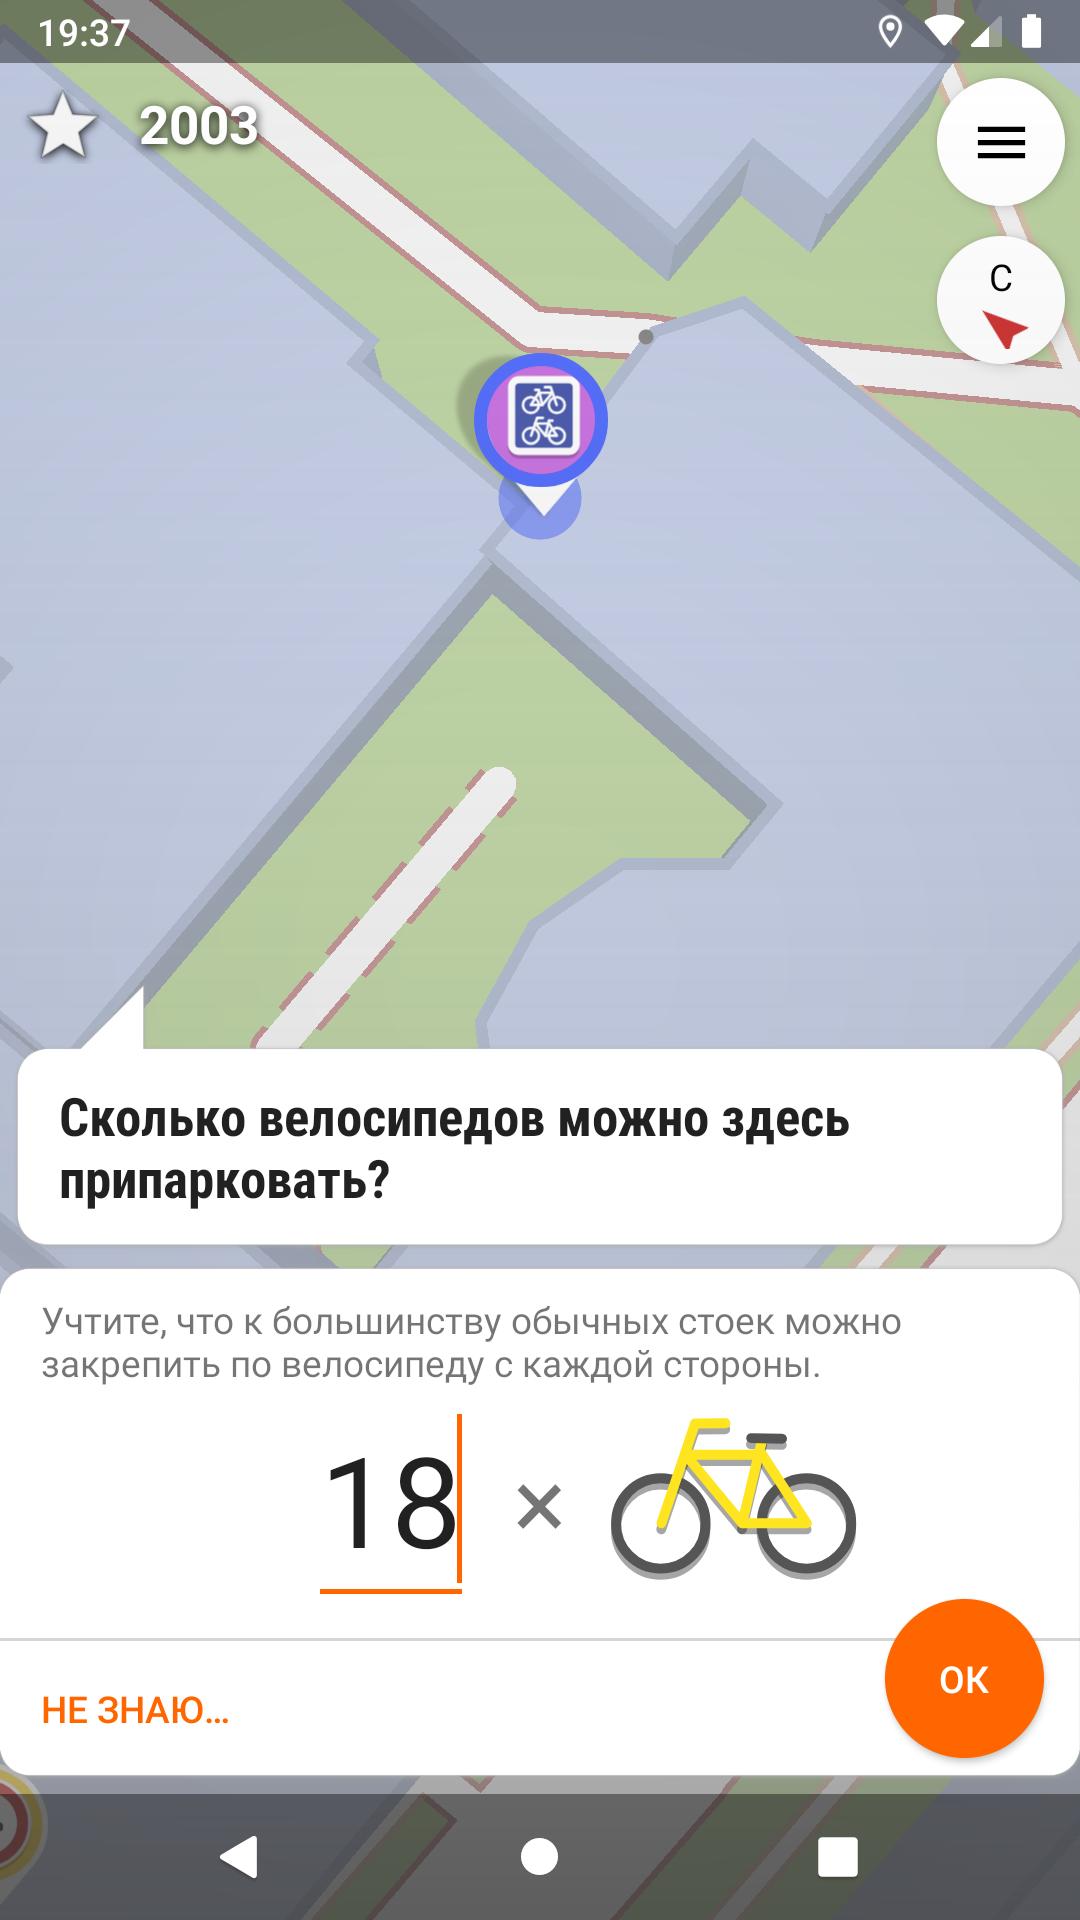 снимок экрана приложения